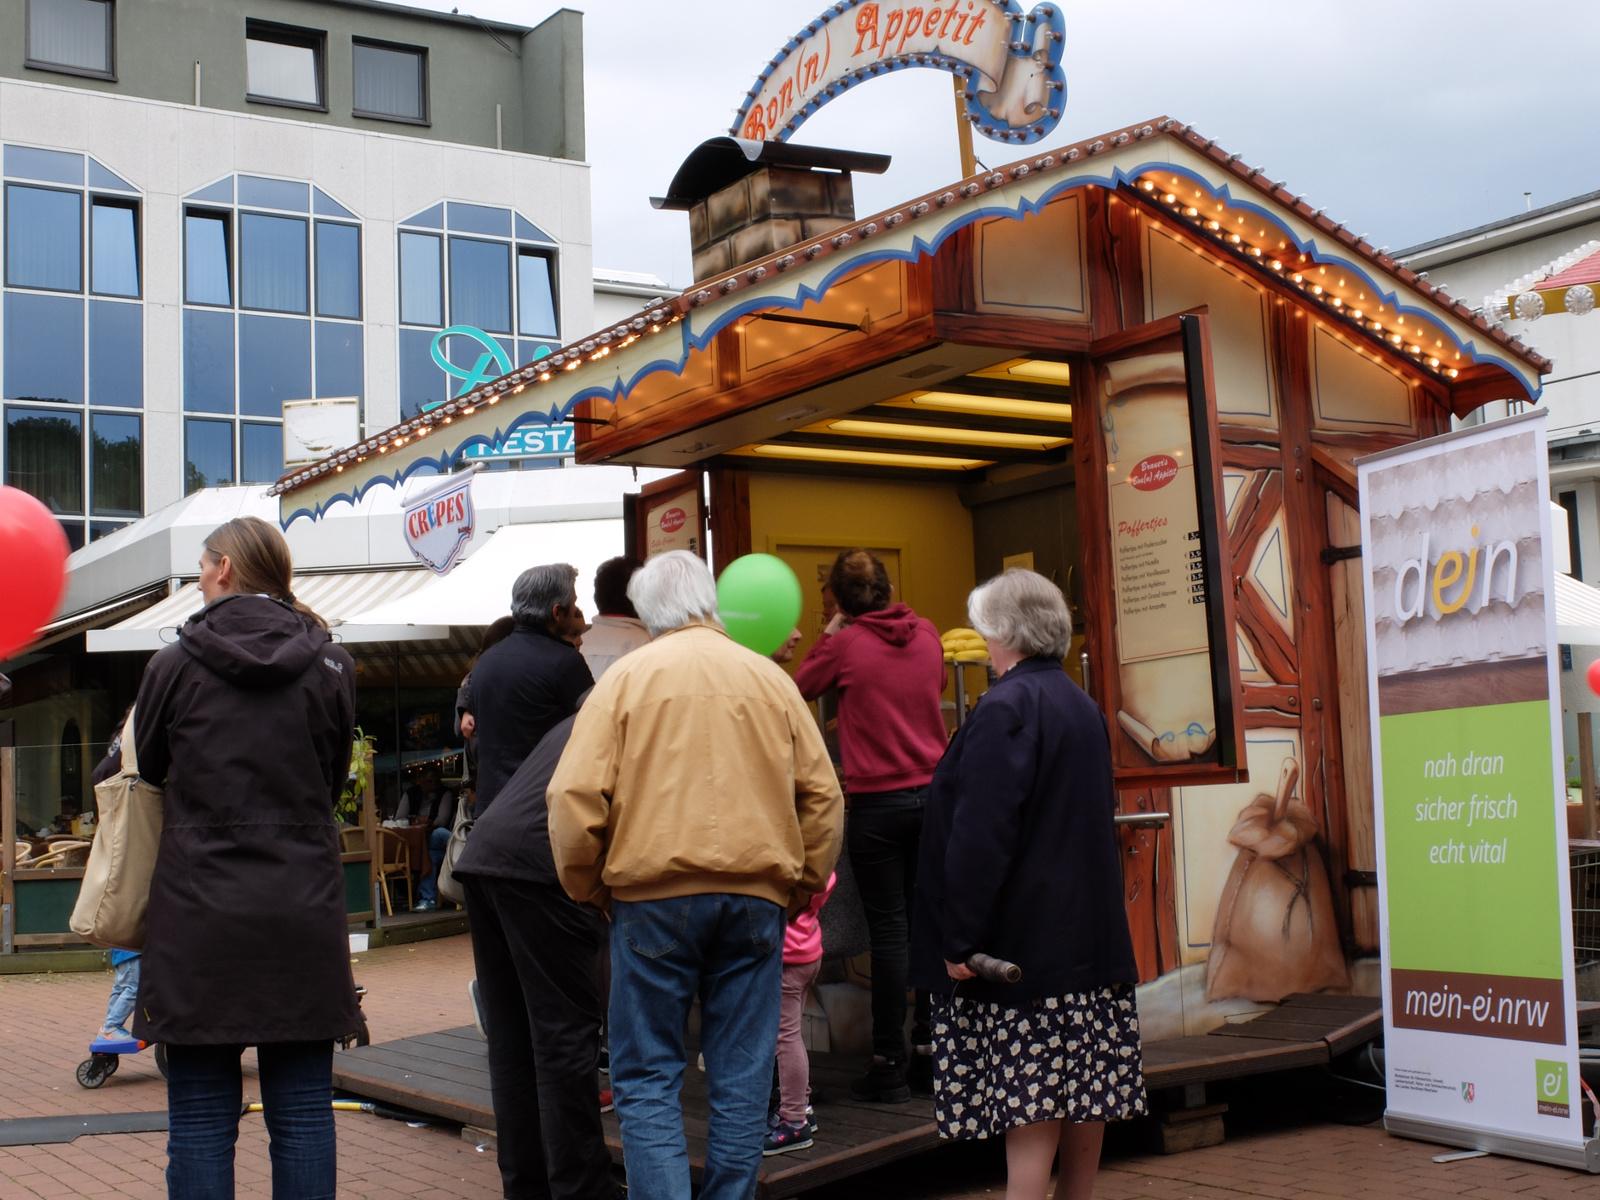 Foto: mein-ei.nrw auf dem Stadtfest in Bad Godesberg